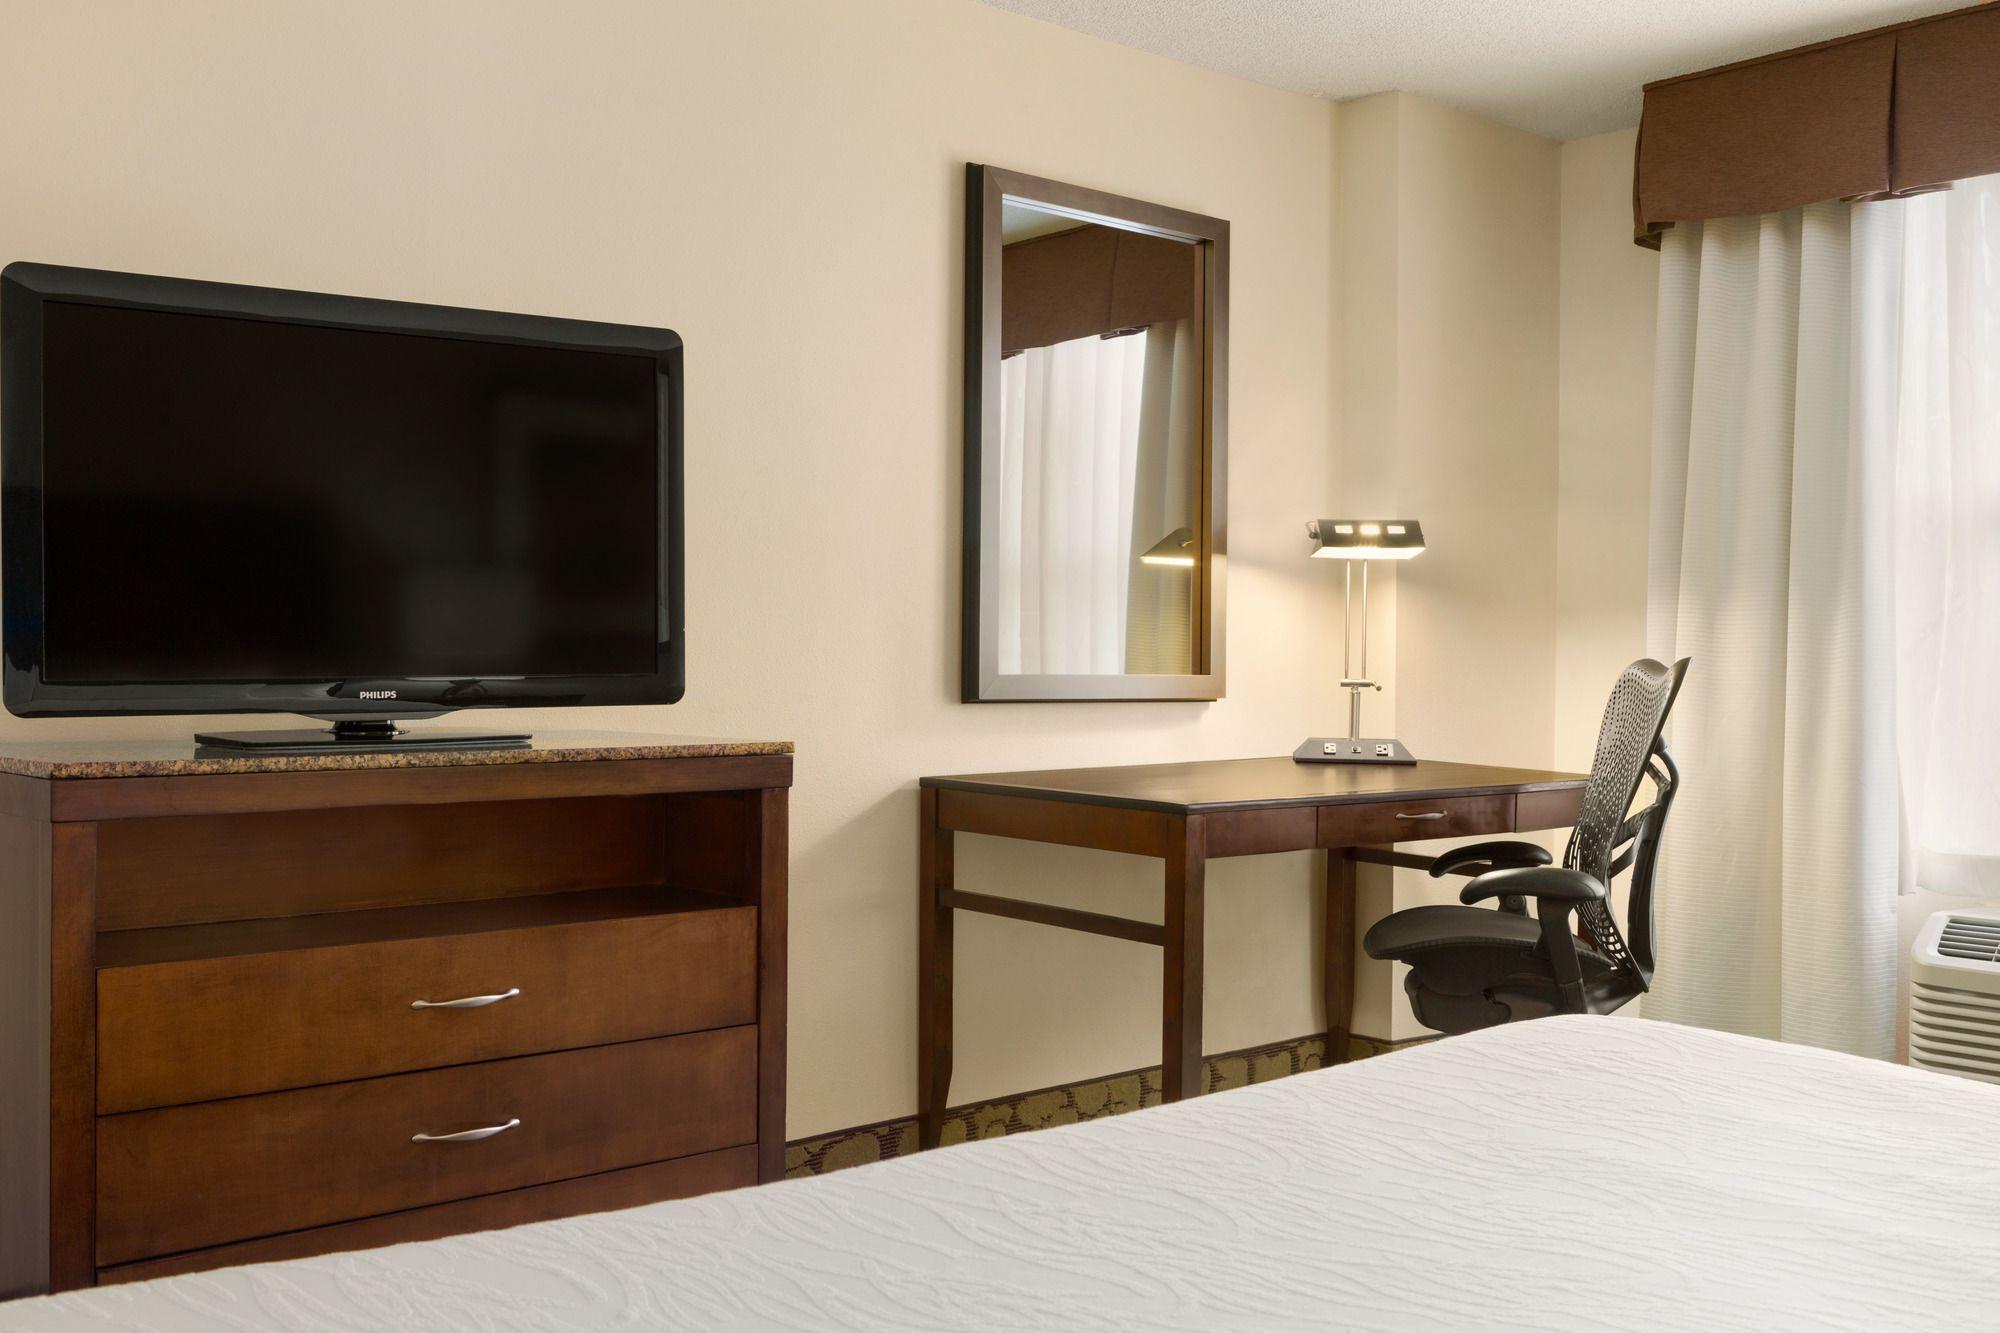 Discount Coupon For Hilton Garden Inn Atlanta Perimeter Center In Atlanta Georgia Save Money